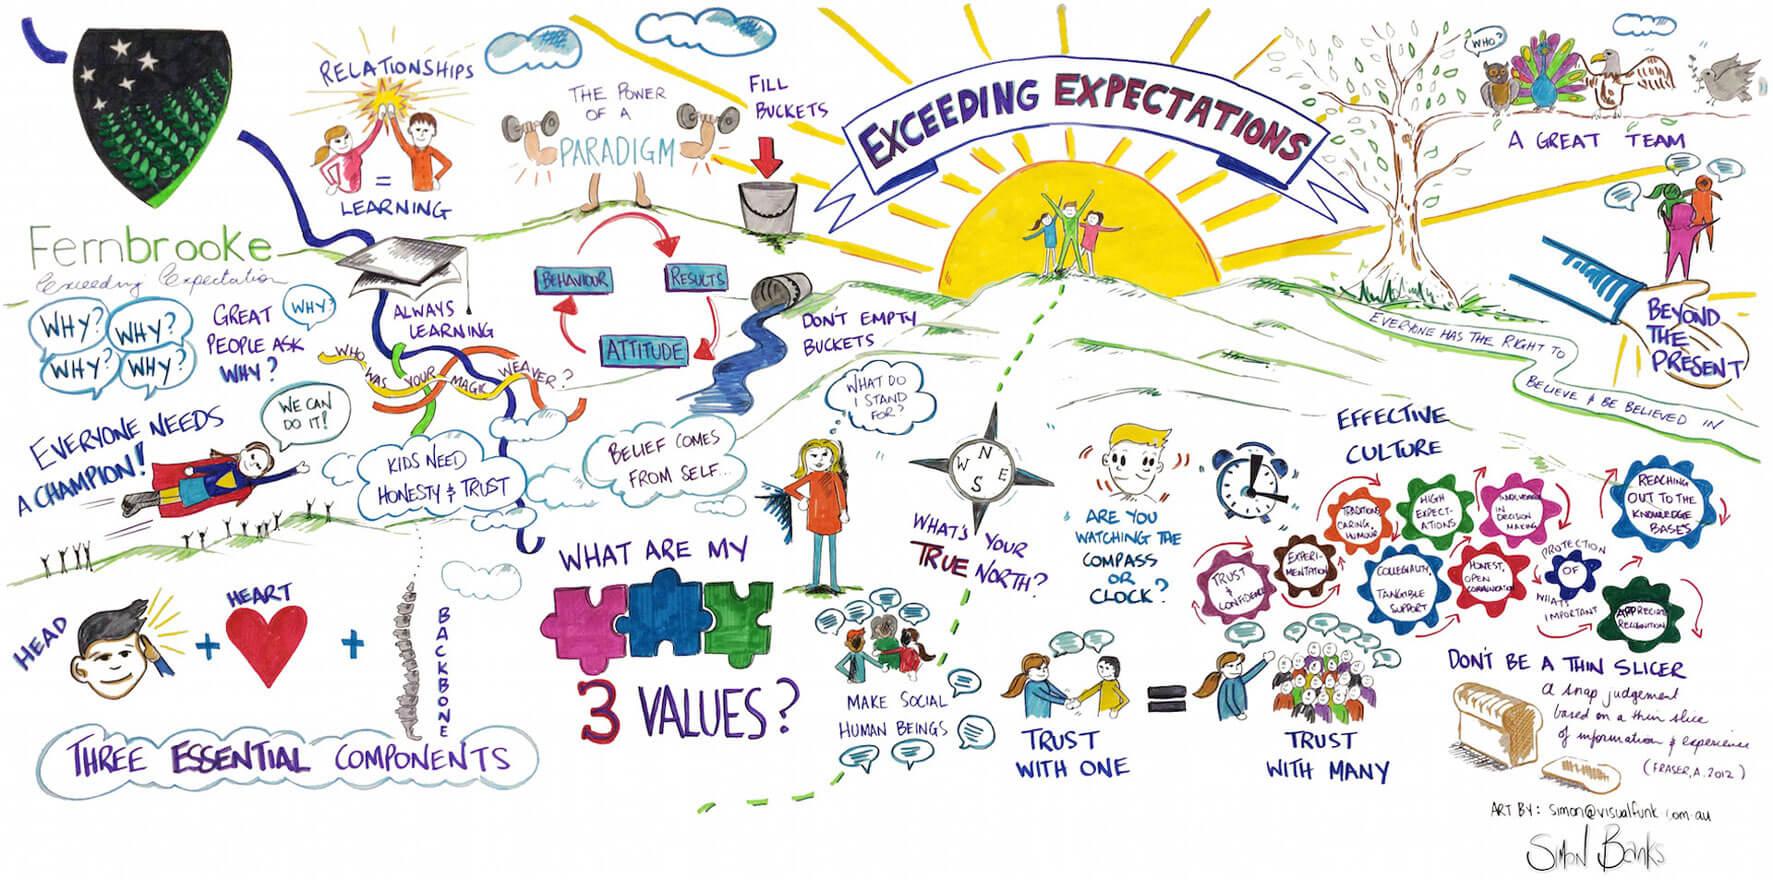 Simon Banks Leadership Graphic Facilitation QELI